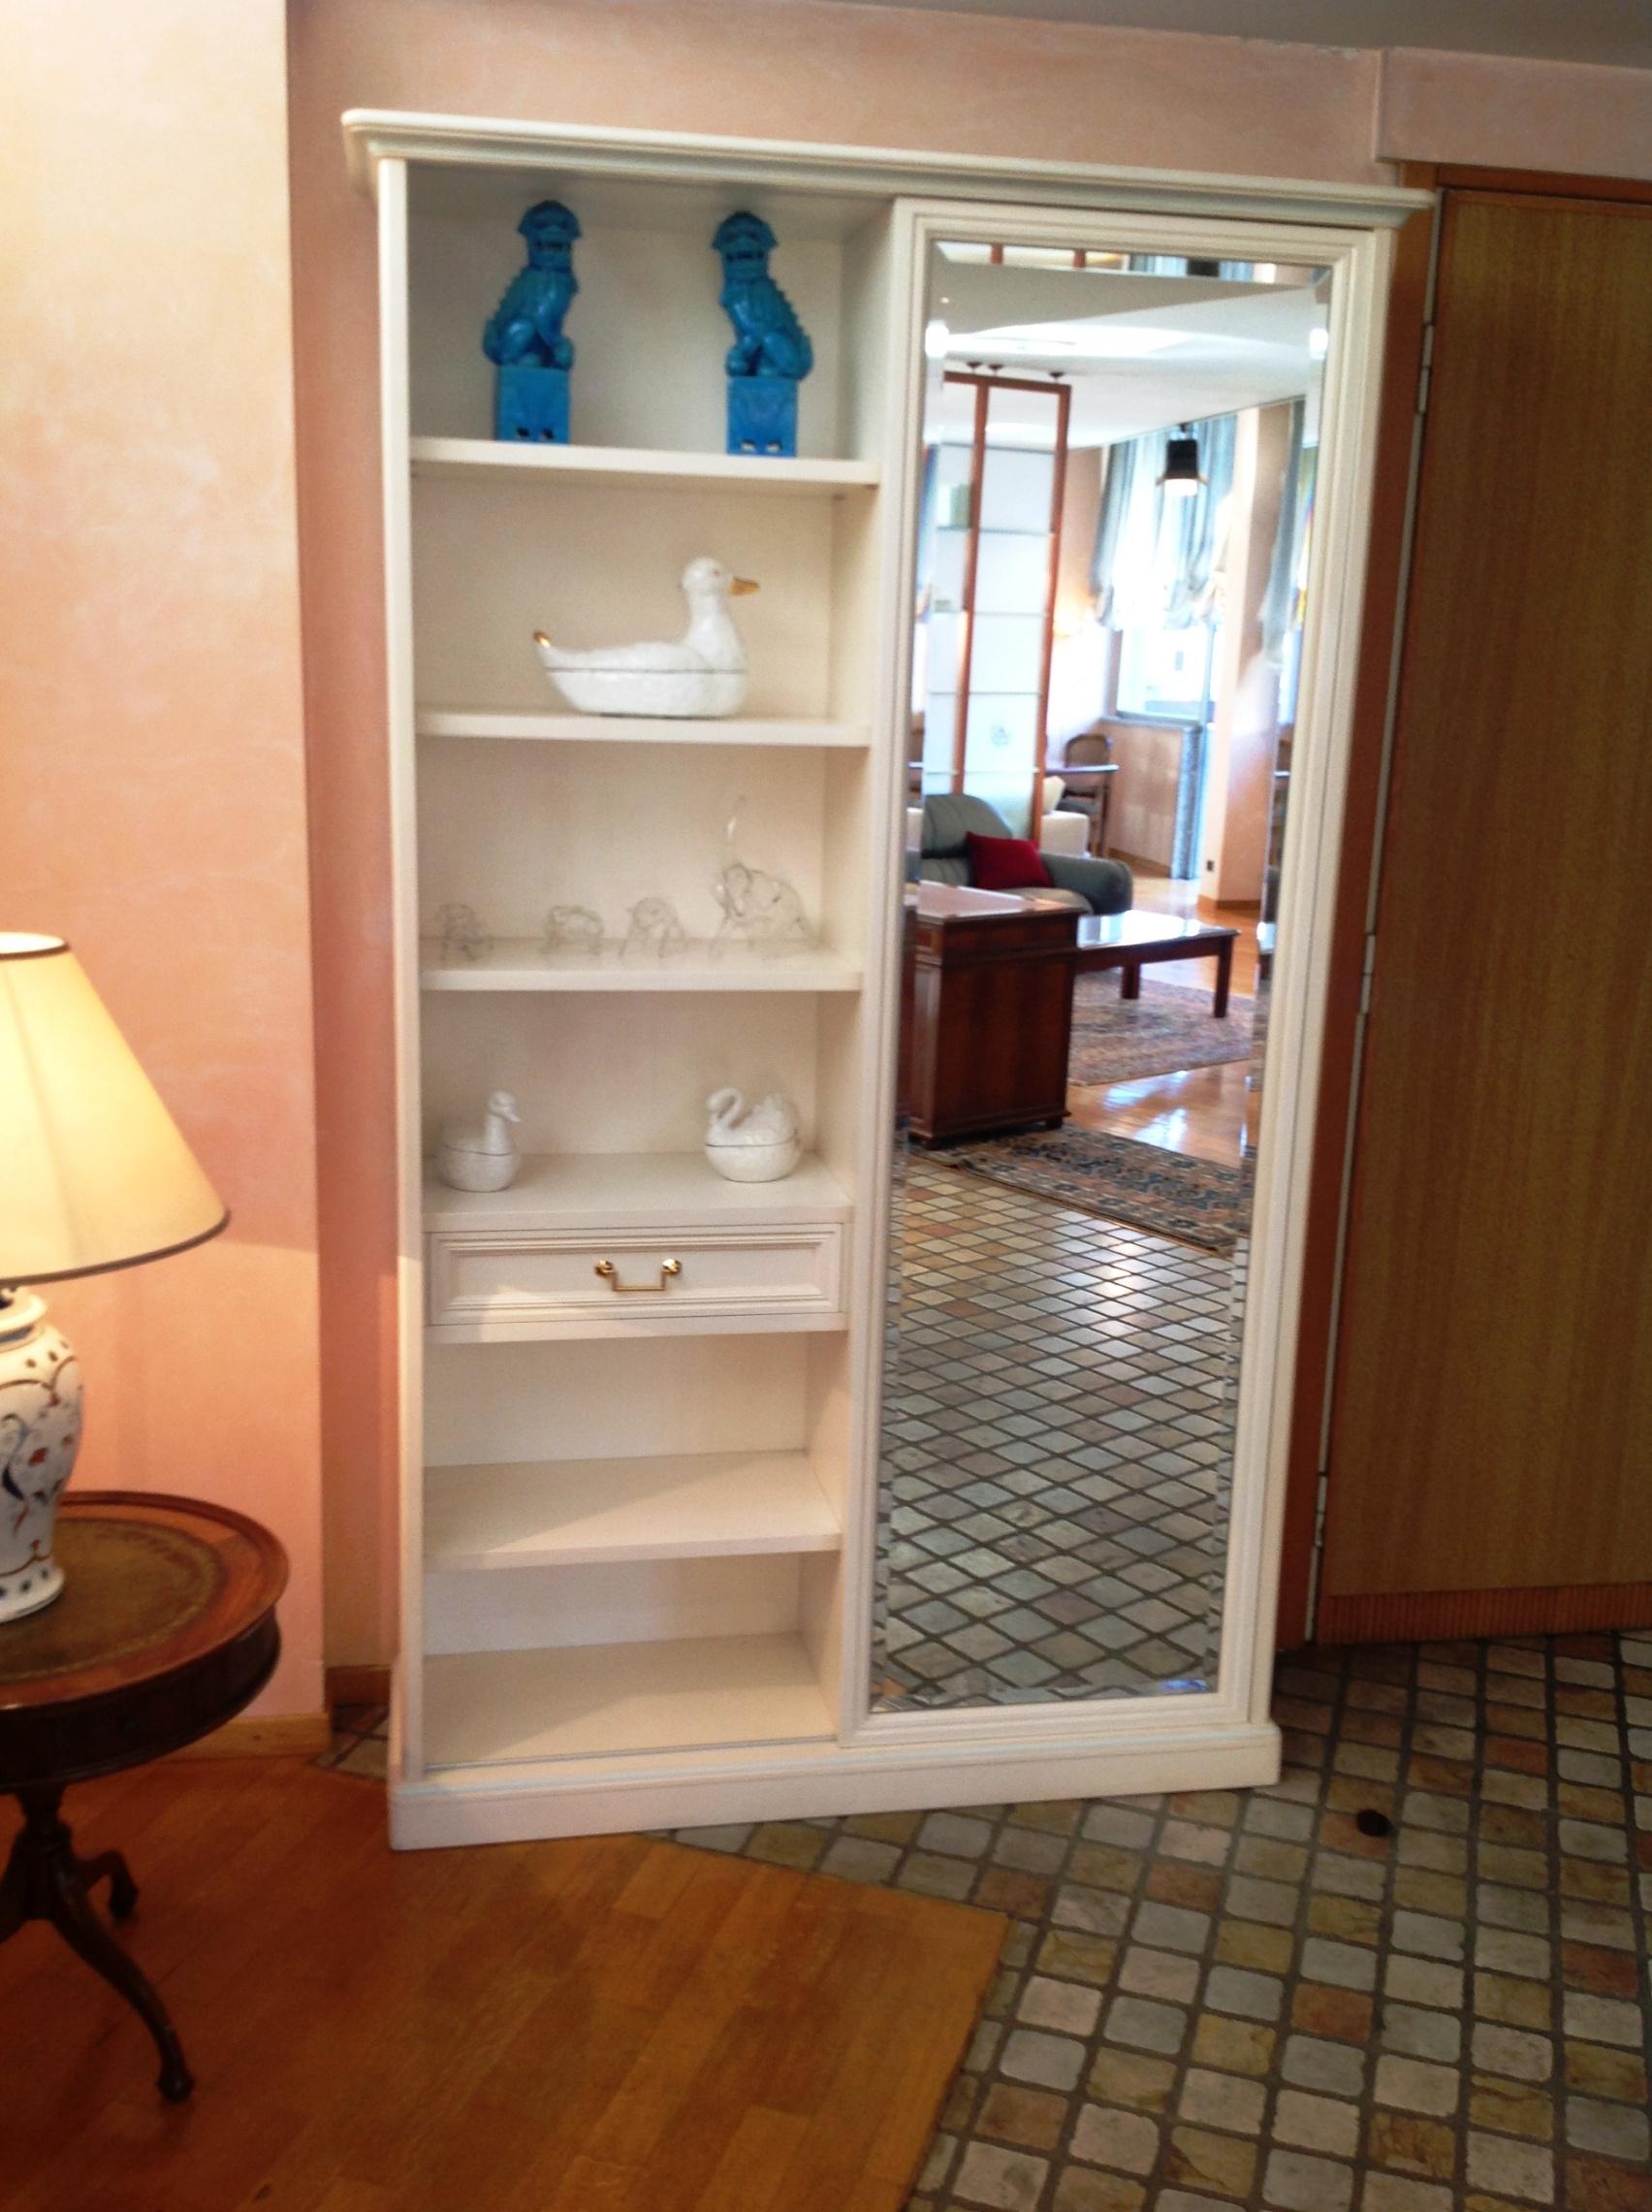 Mobili lavelli appendiabiti armadio per ingresso - I mobili nel guardaroba ...